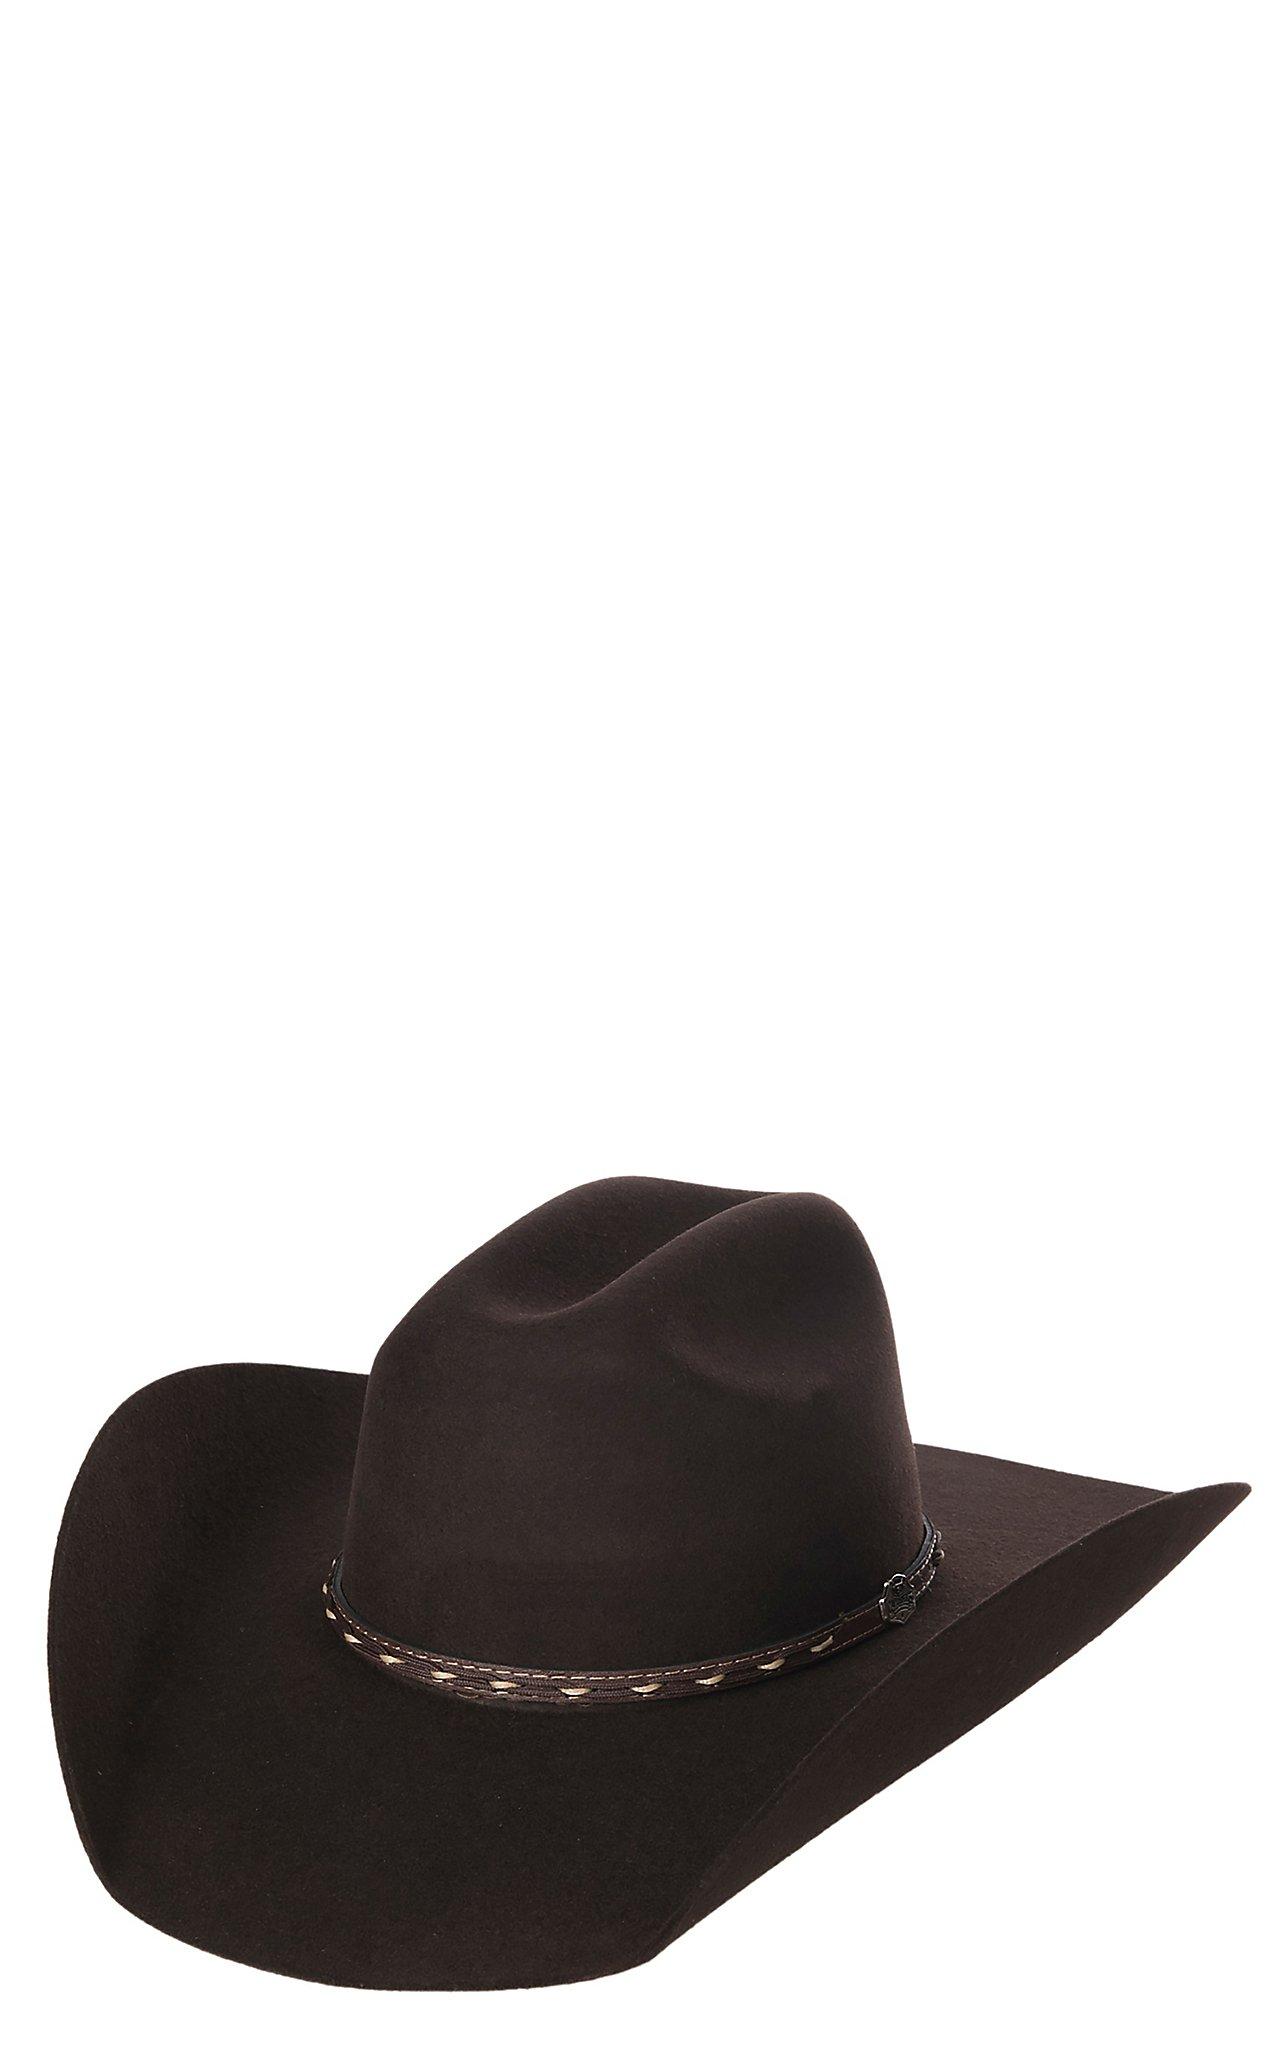 Cavender s Cowboy Collection 3X Dark Brown Premium Wool Hat  94c2cae77ac